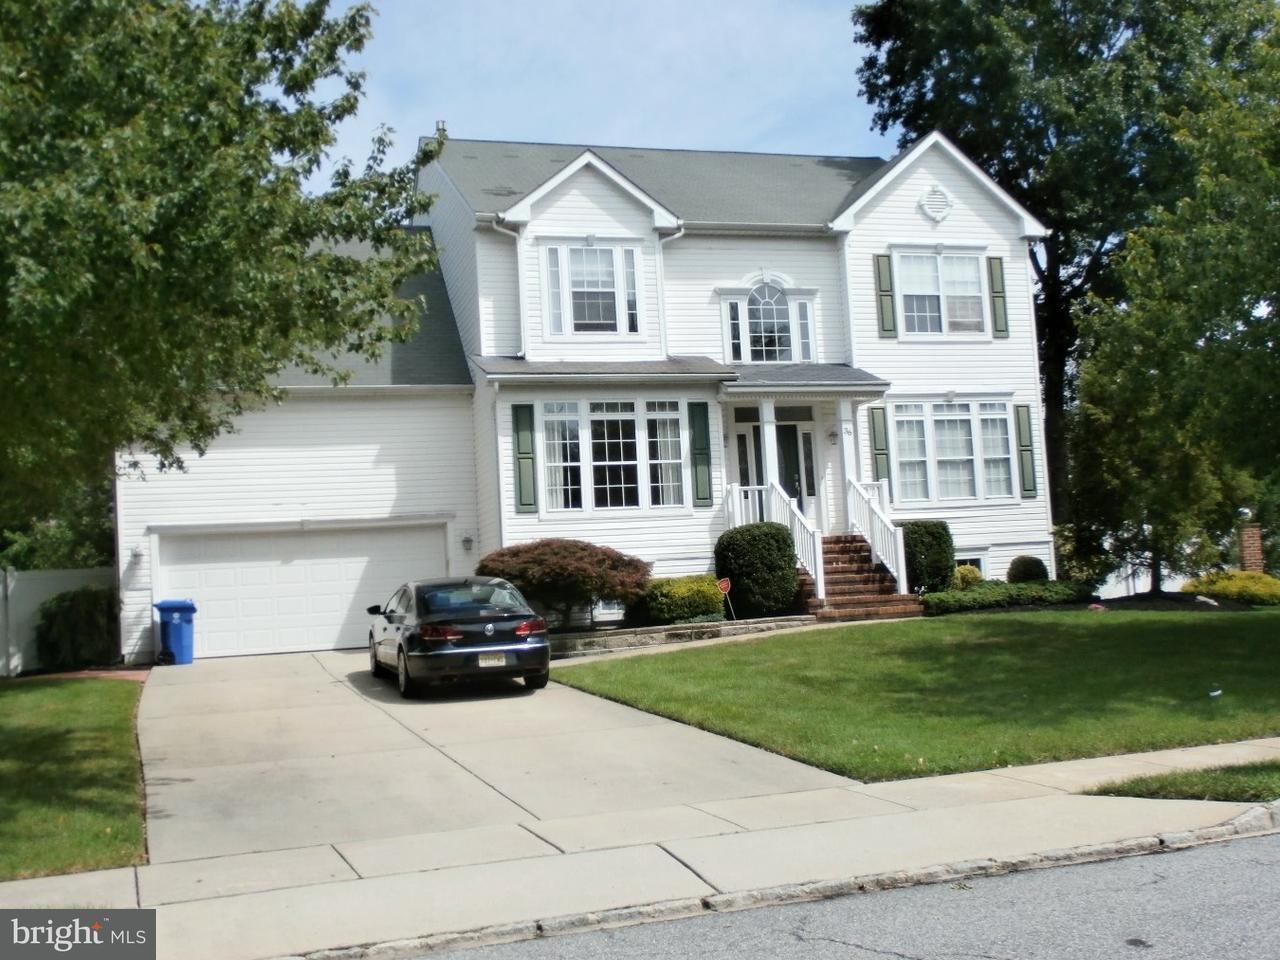 Maison unifamiliale pour l à louer à 36 BRITTANY BLVD Evesham, New Jersey 08053 États-Unis